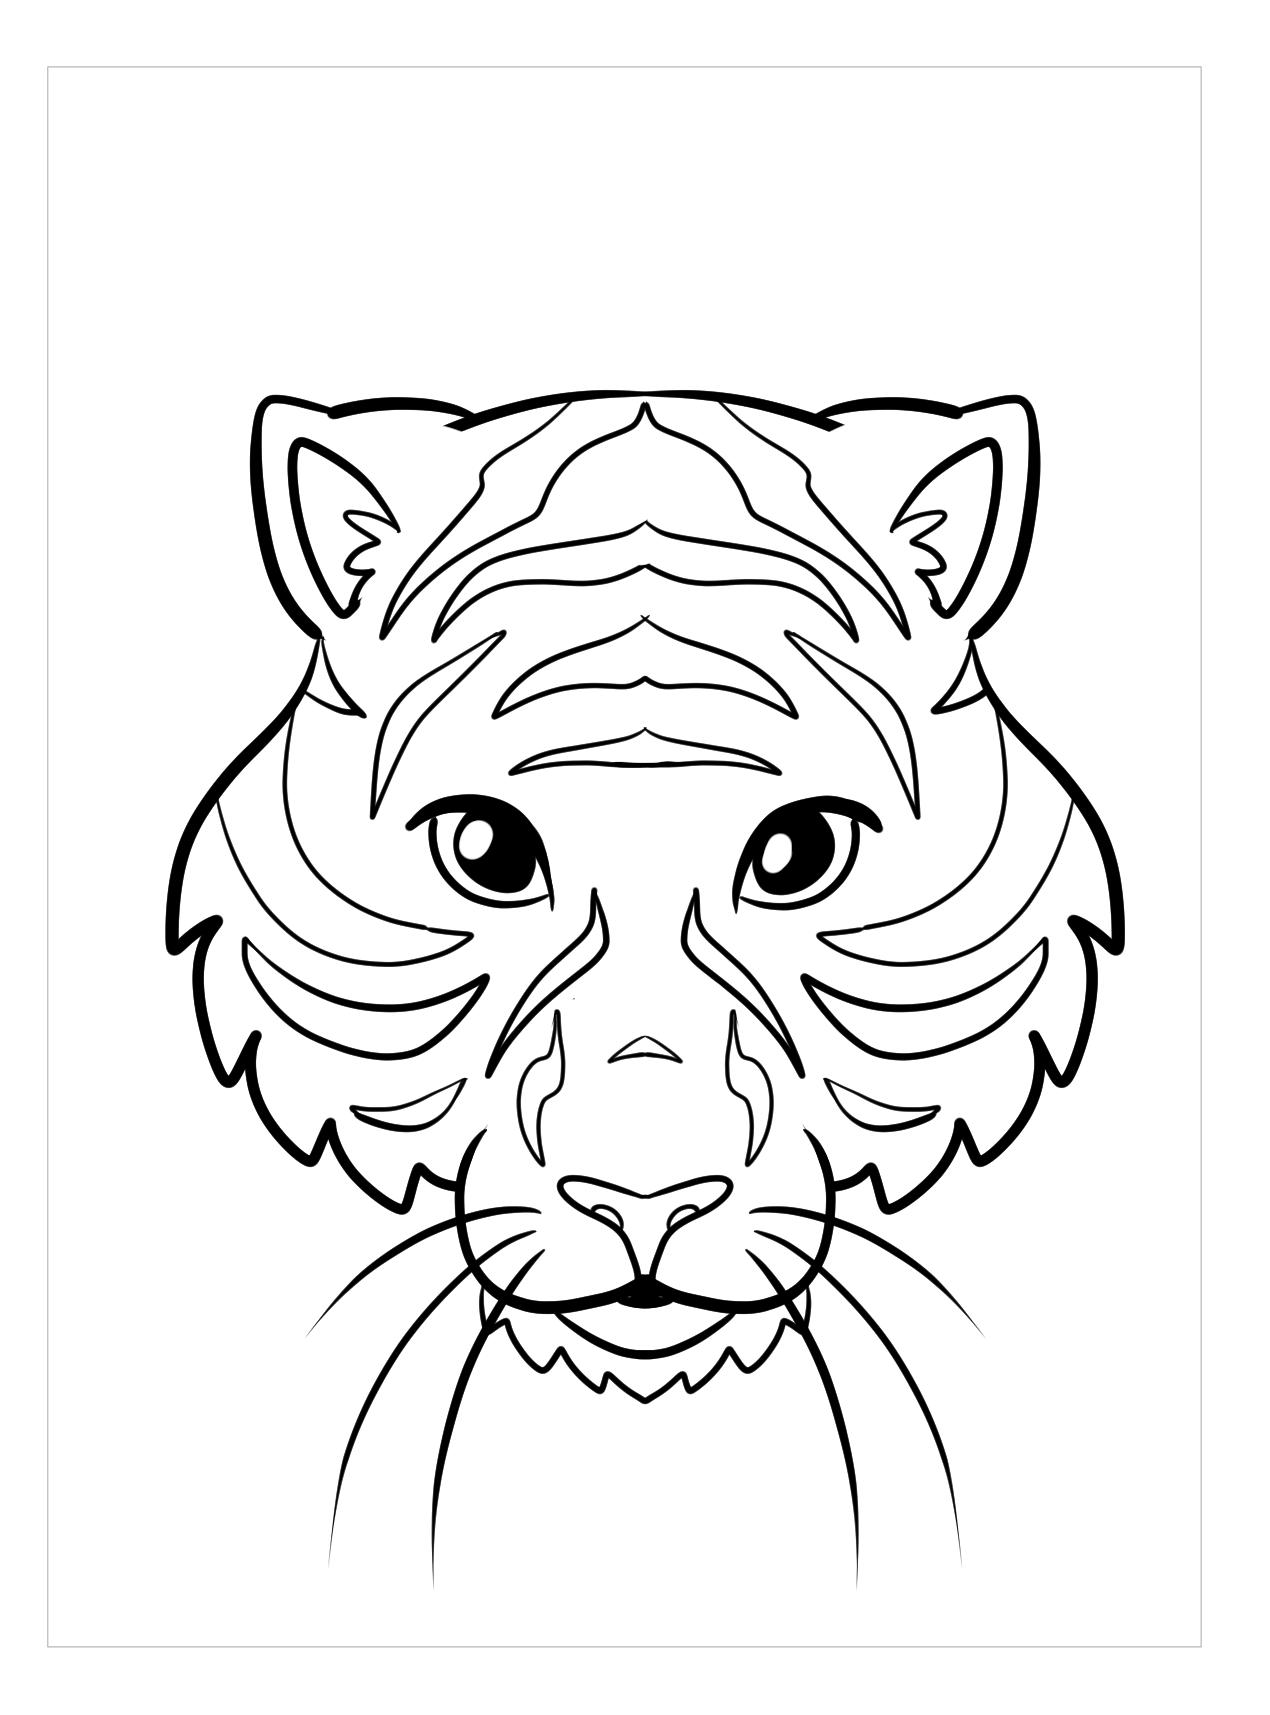 Tranh tô màu đầu con hổ